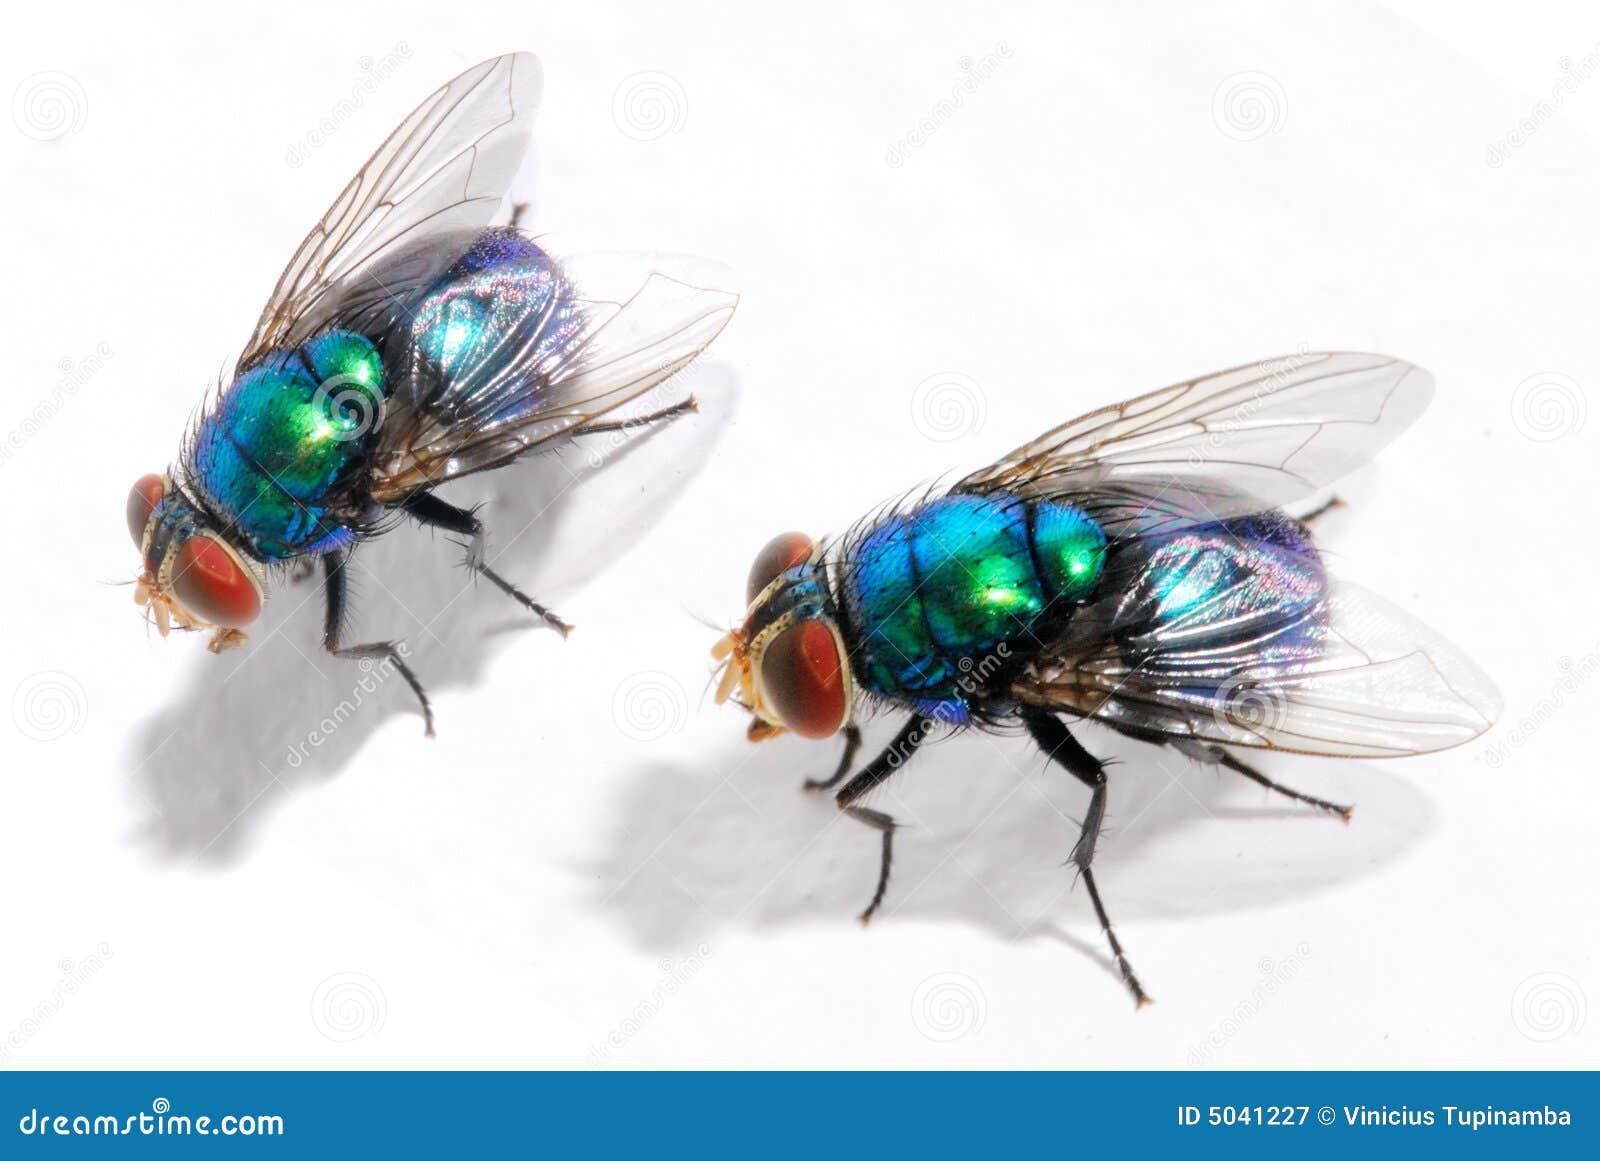 mouche bleue image stock image du biologie 5041227